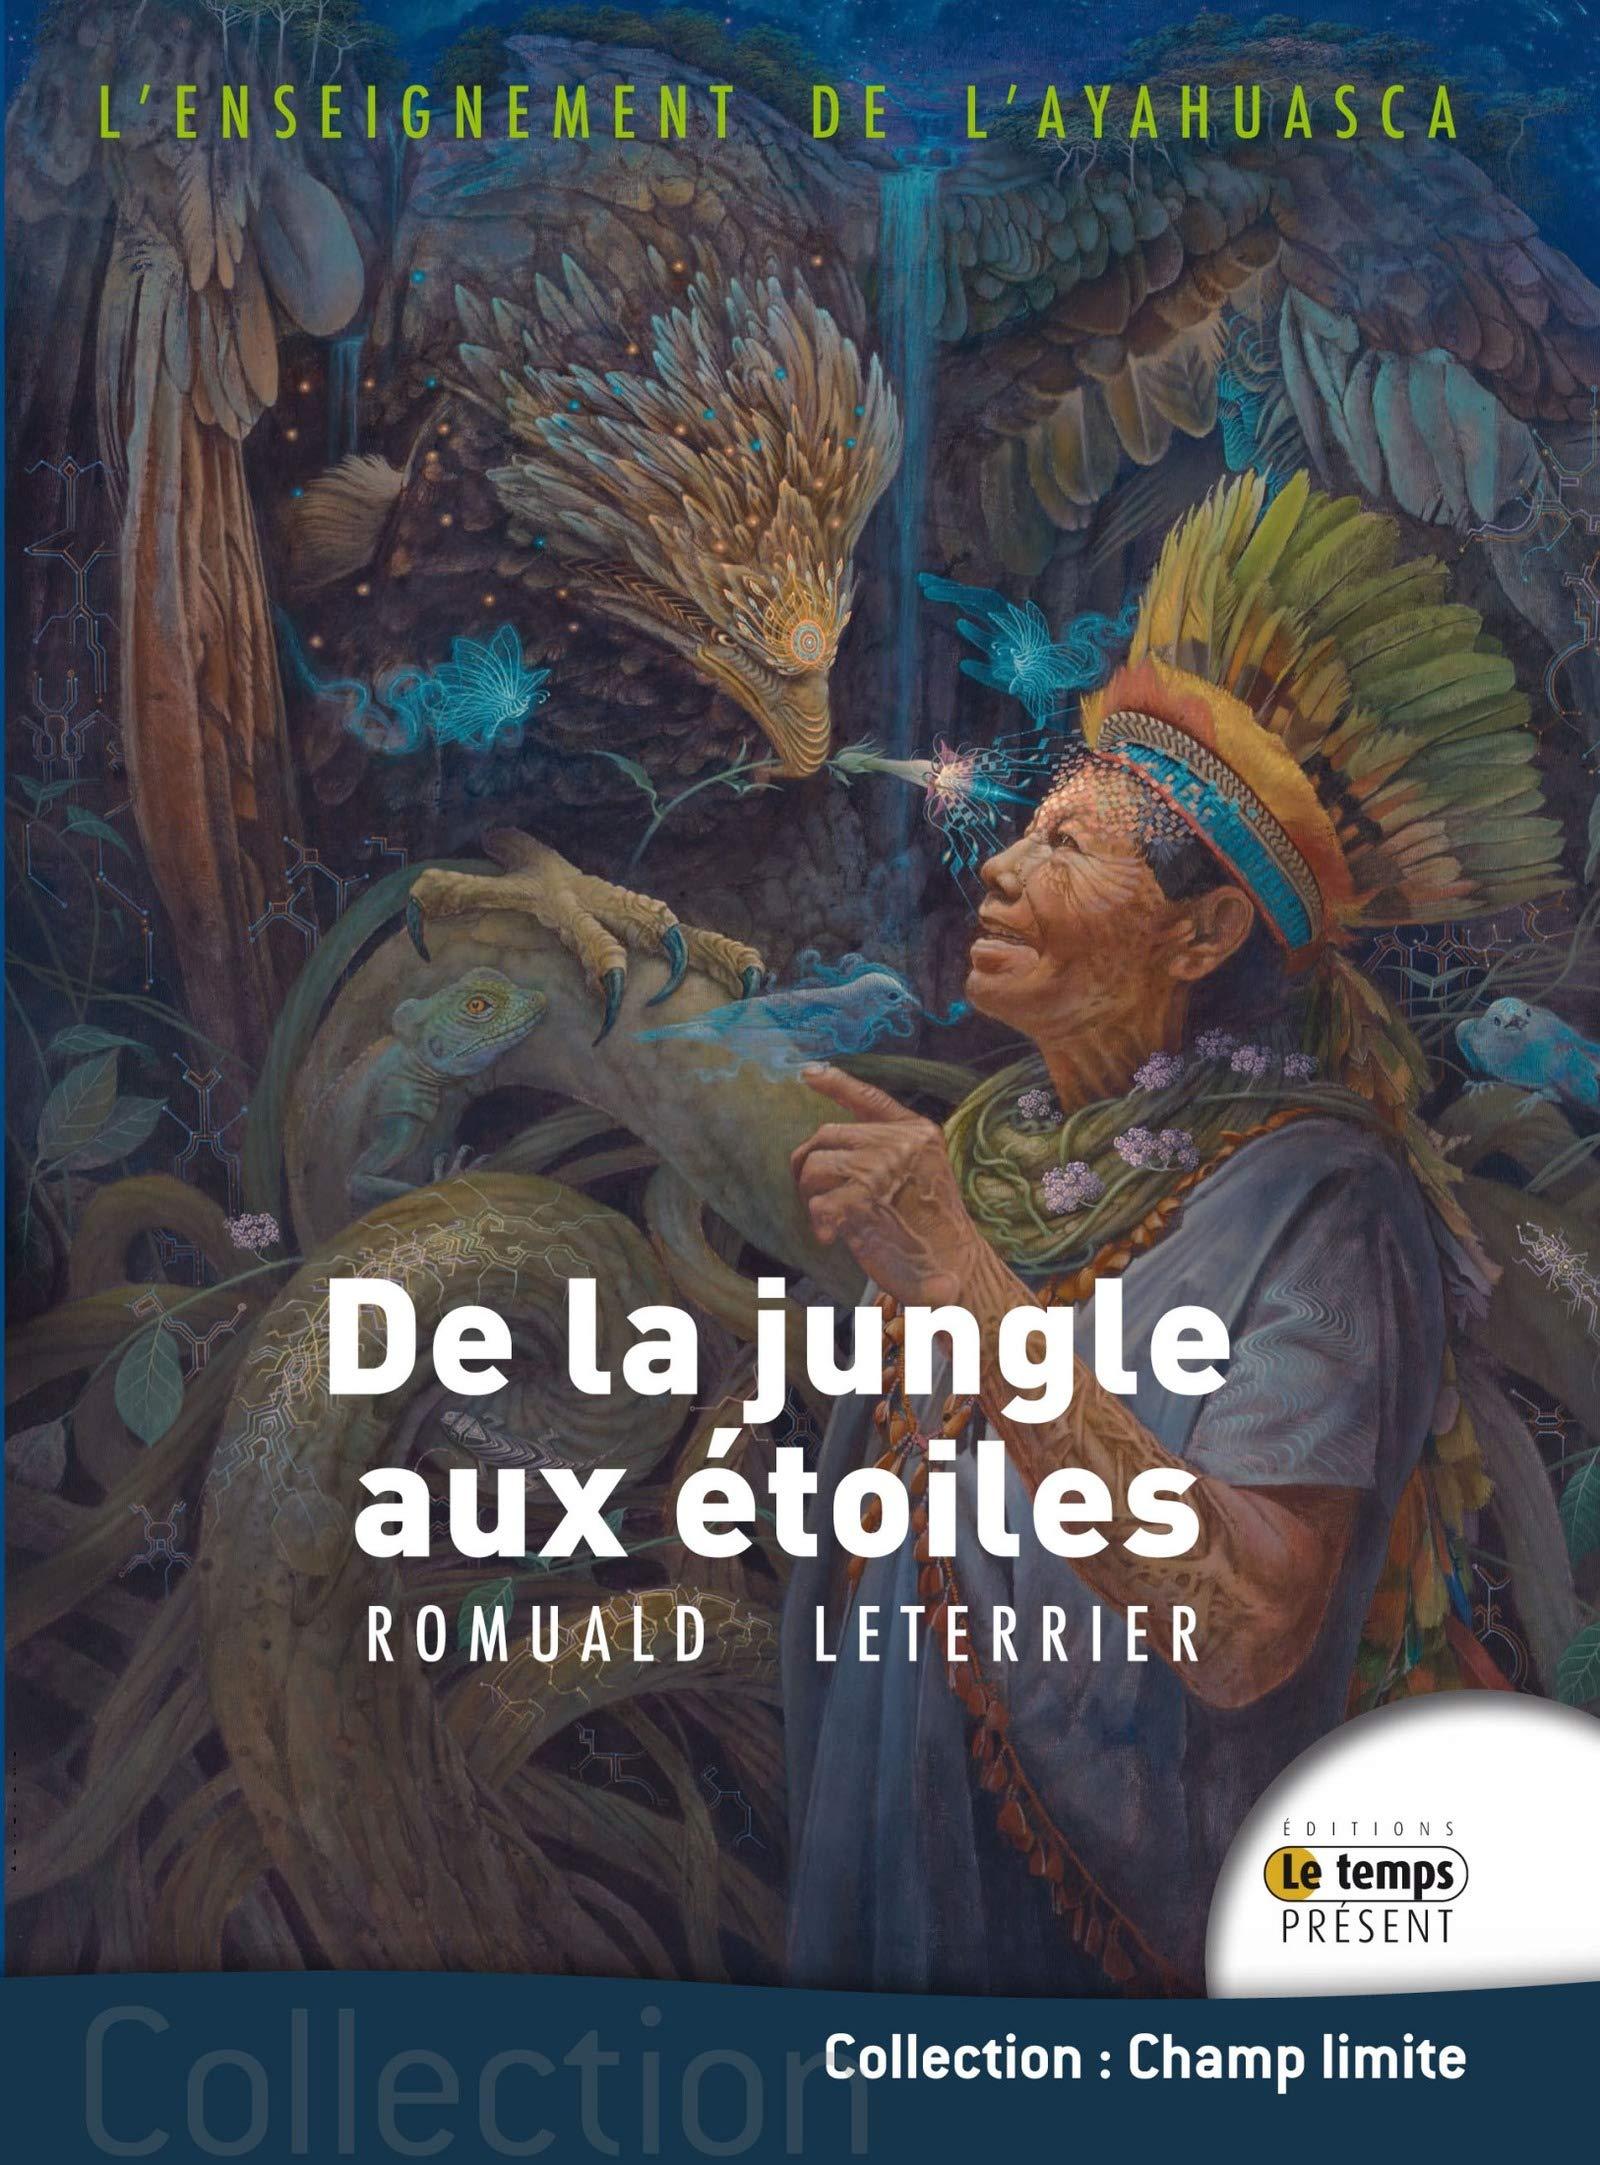 De la jungle aux étoiles: L'enseignement de l'Ayahuasca par Romuald Leterrier